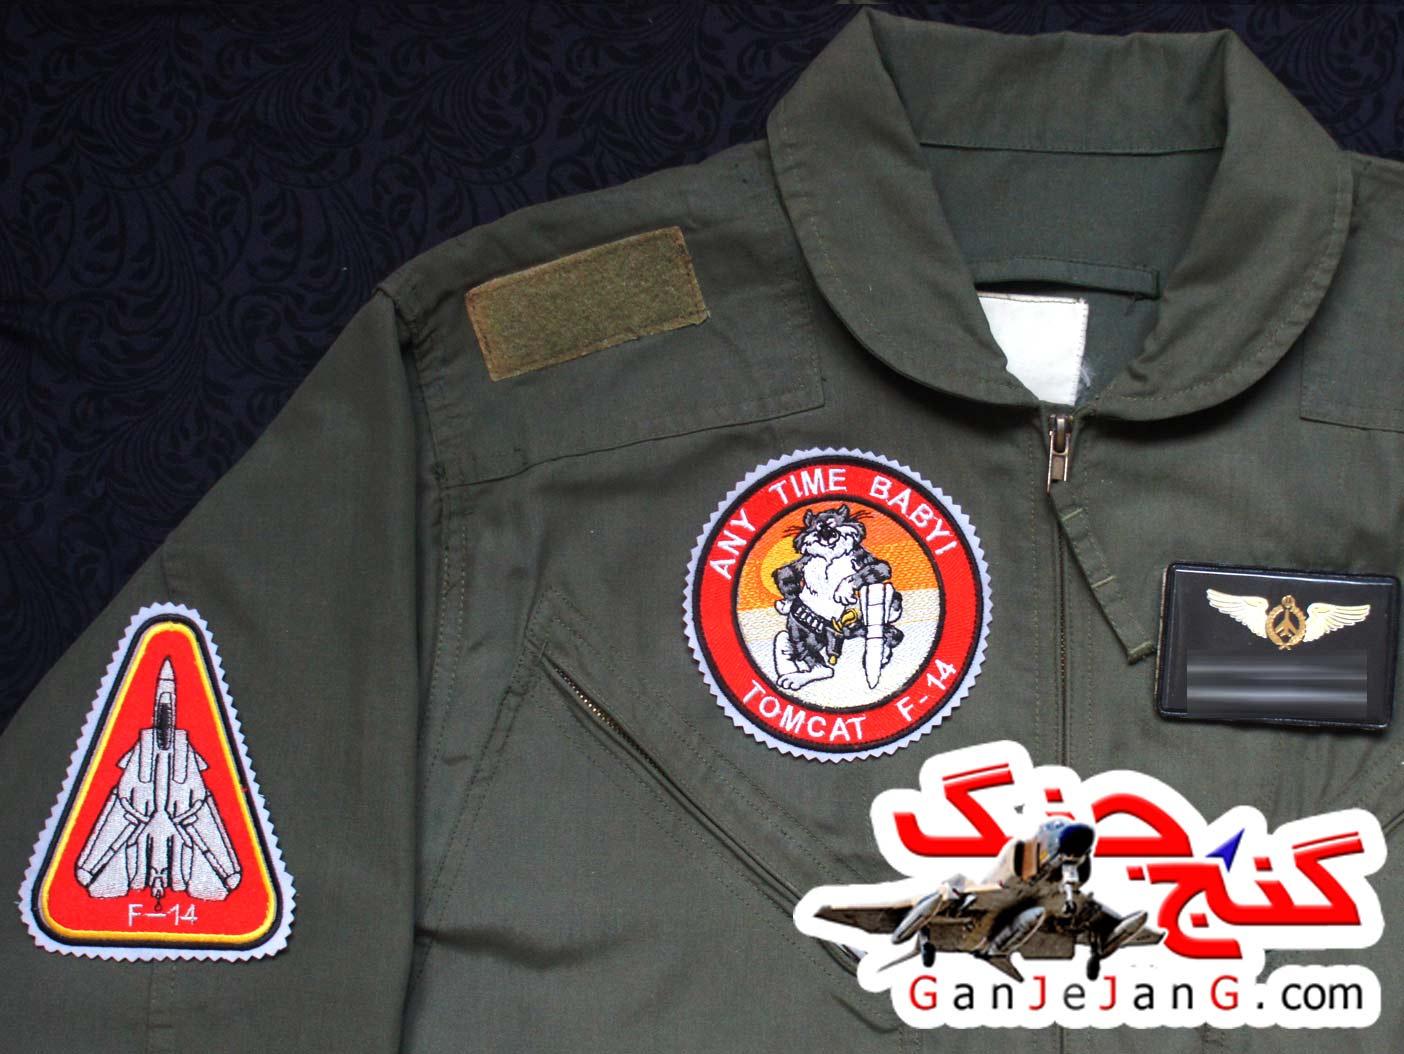 آرم سینه تمام دوخت خلبان لیدر سوم تامکت اف-14